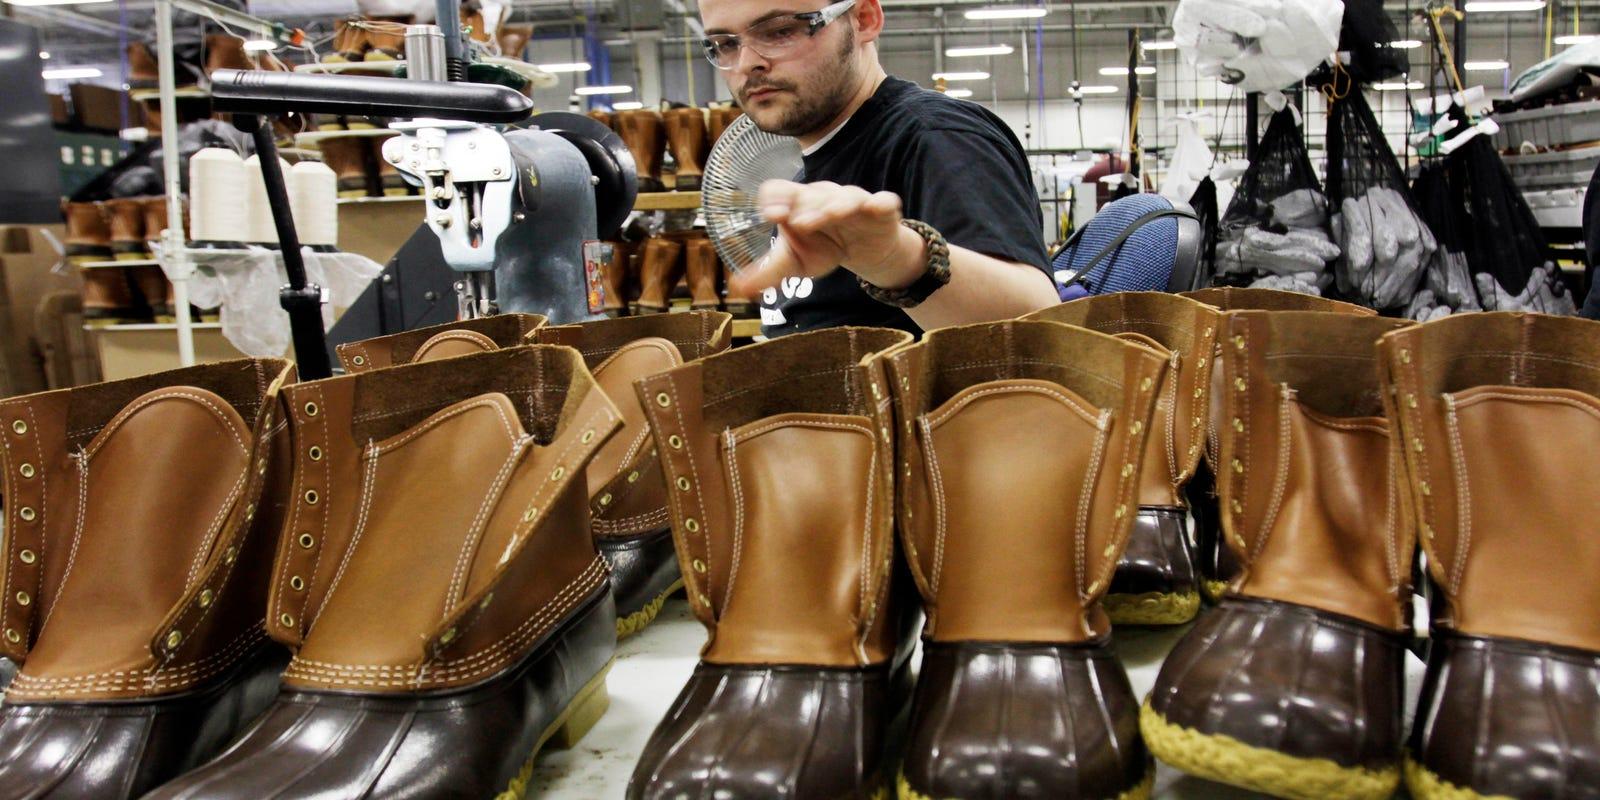 Сербские компании заключили контракты с Россией на поставки специальной обуви